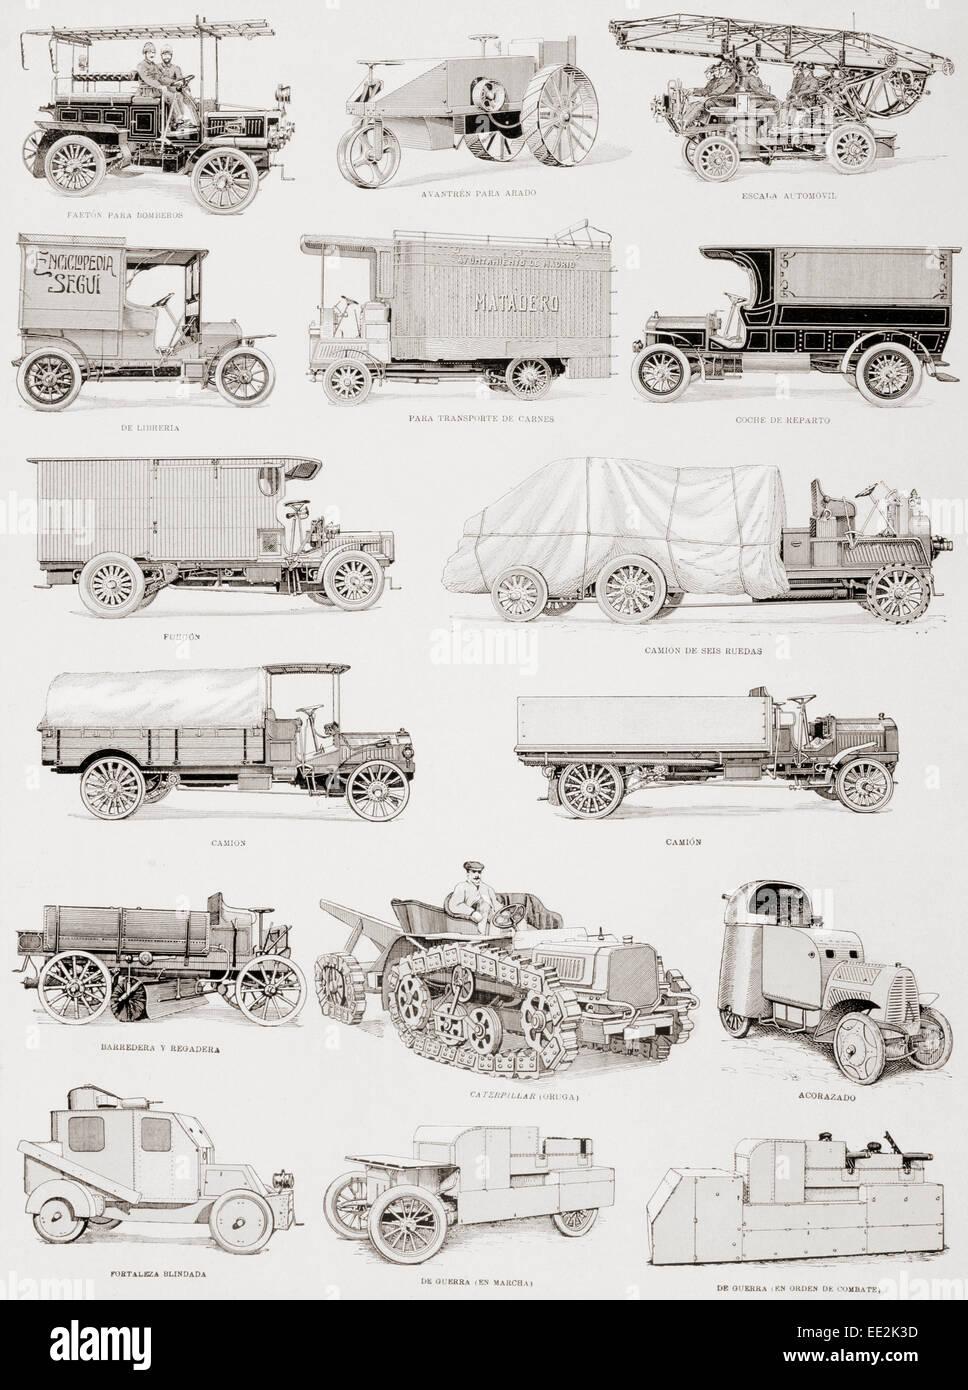 LKW, Feuerwehren und Militärfahrzeuge aus dem ersten Jahrzehnt des 20. Jahrhunderts.  Bildunterschriften in Stockbild